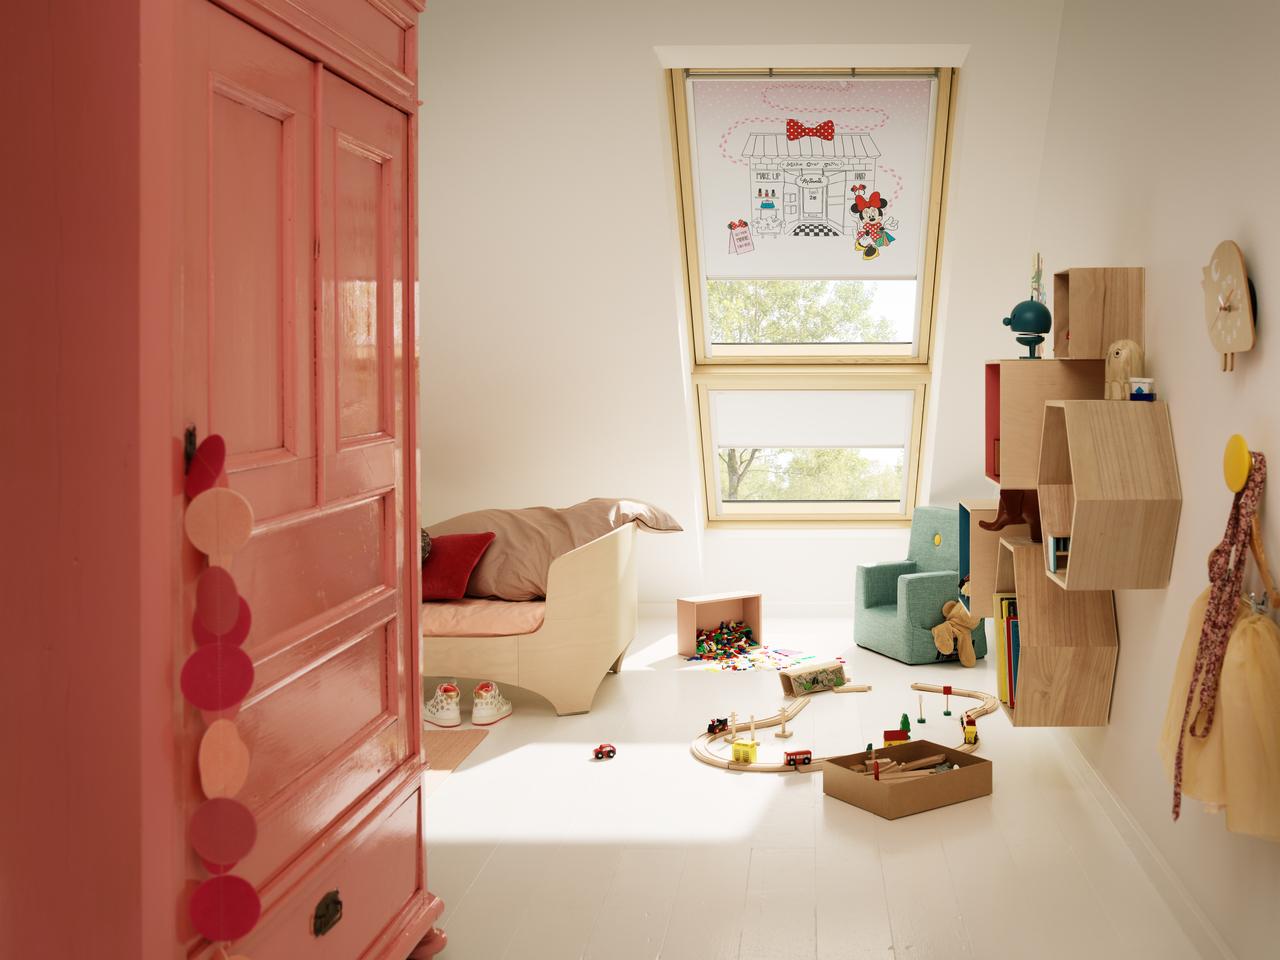 Cameretta - Decorare camera bambini ...